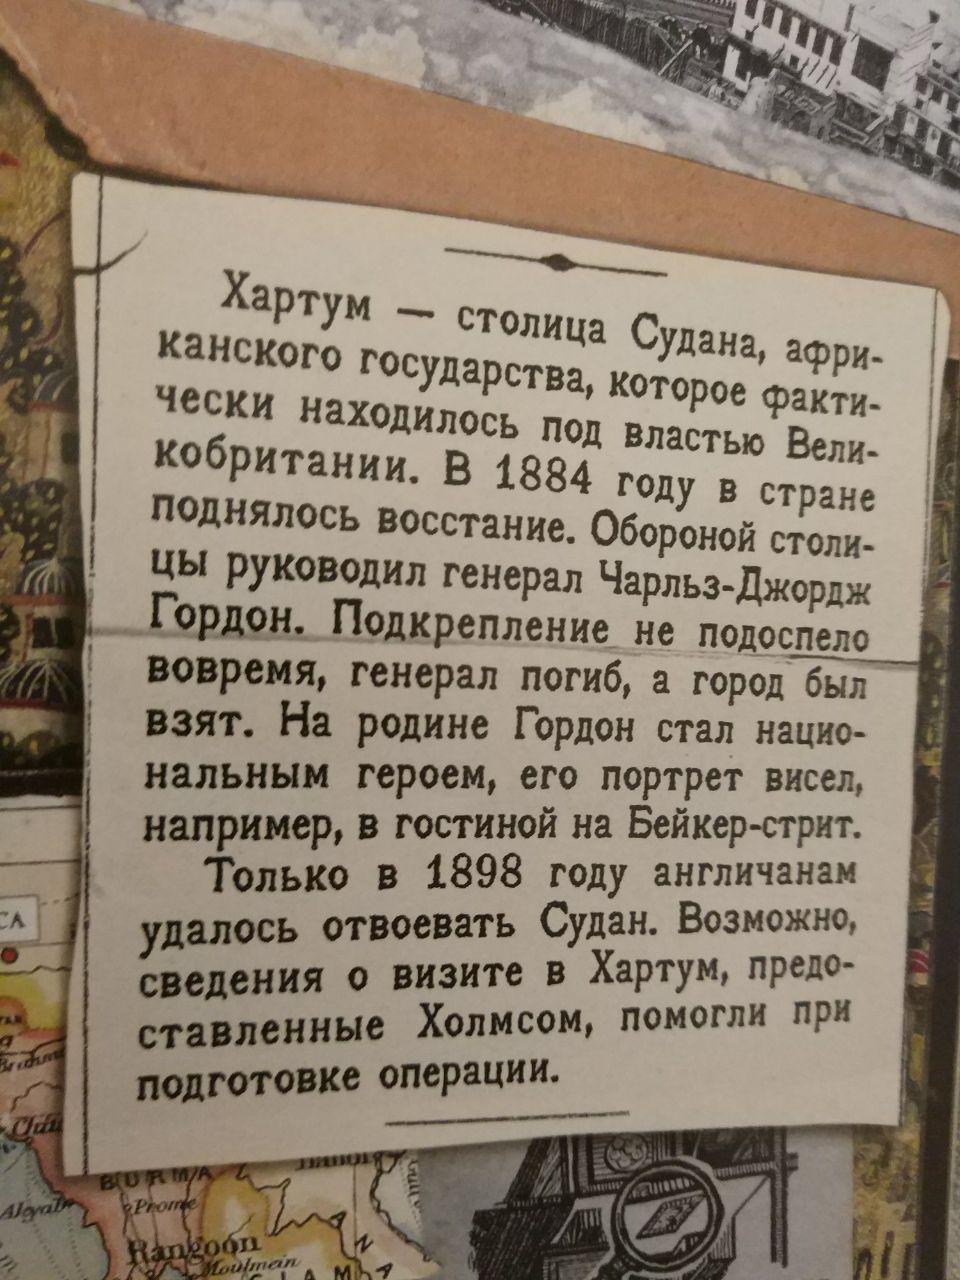 http://s3.uploads.ru/kmW5u.jpg